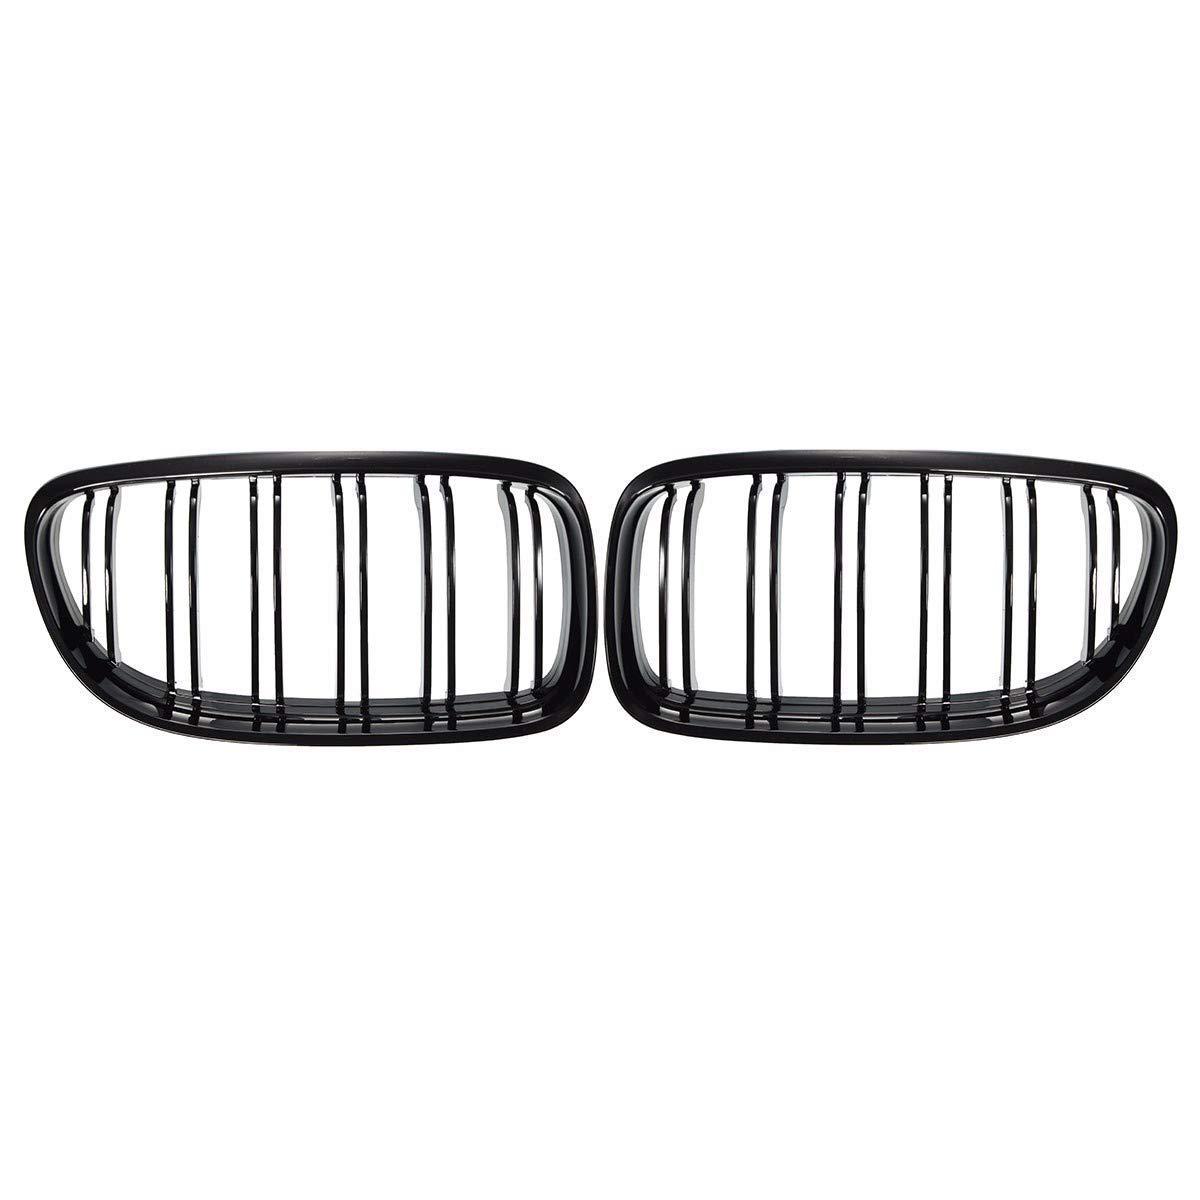 colore nero lucido per modelli E90 E91 LCI 325i 328i 335i 4D Coppia di griglie anteriori a forma di rene